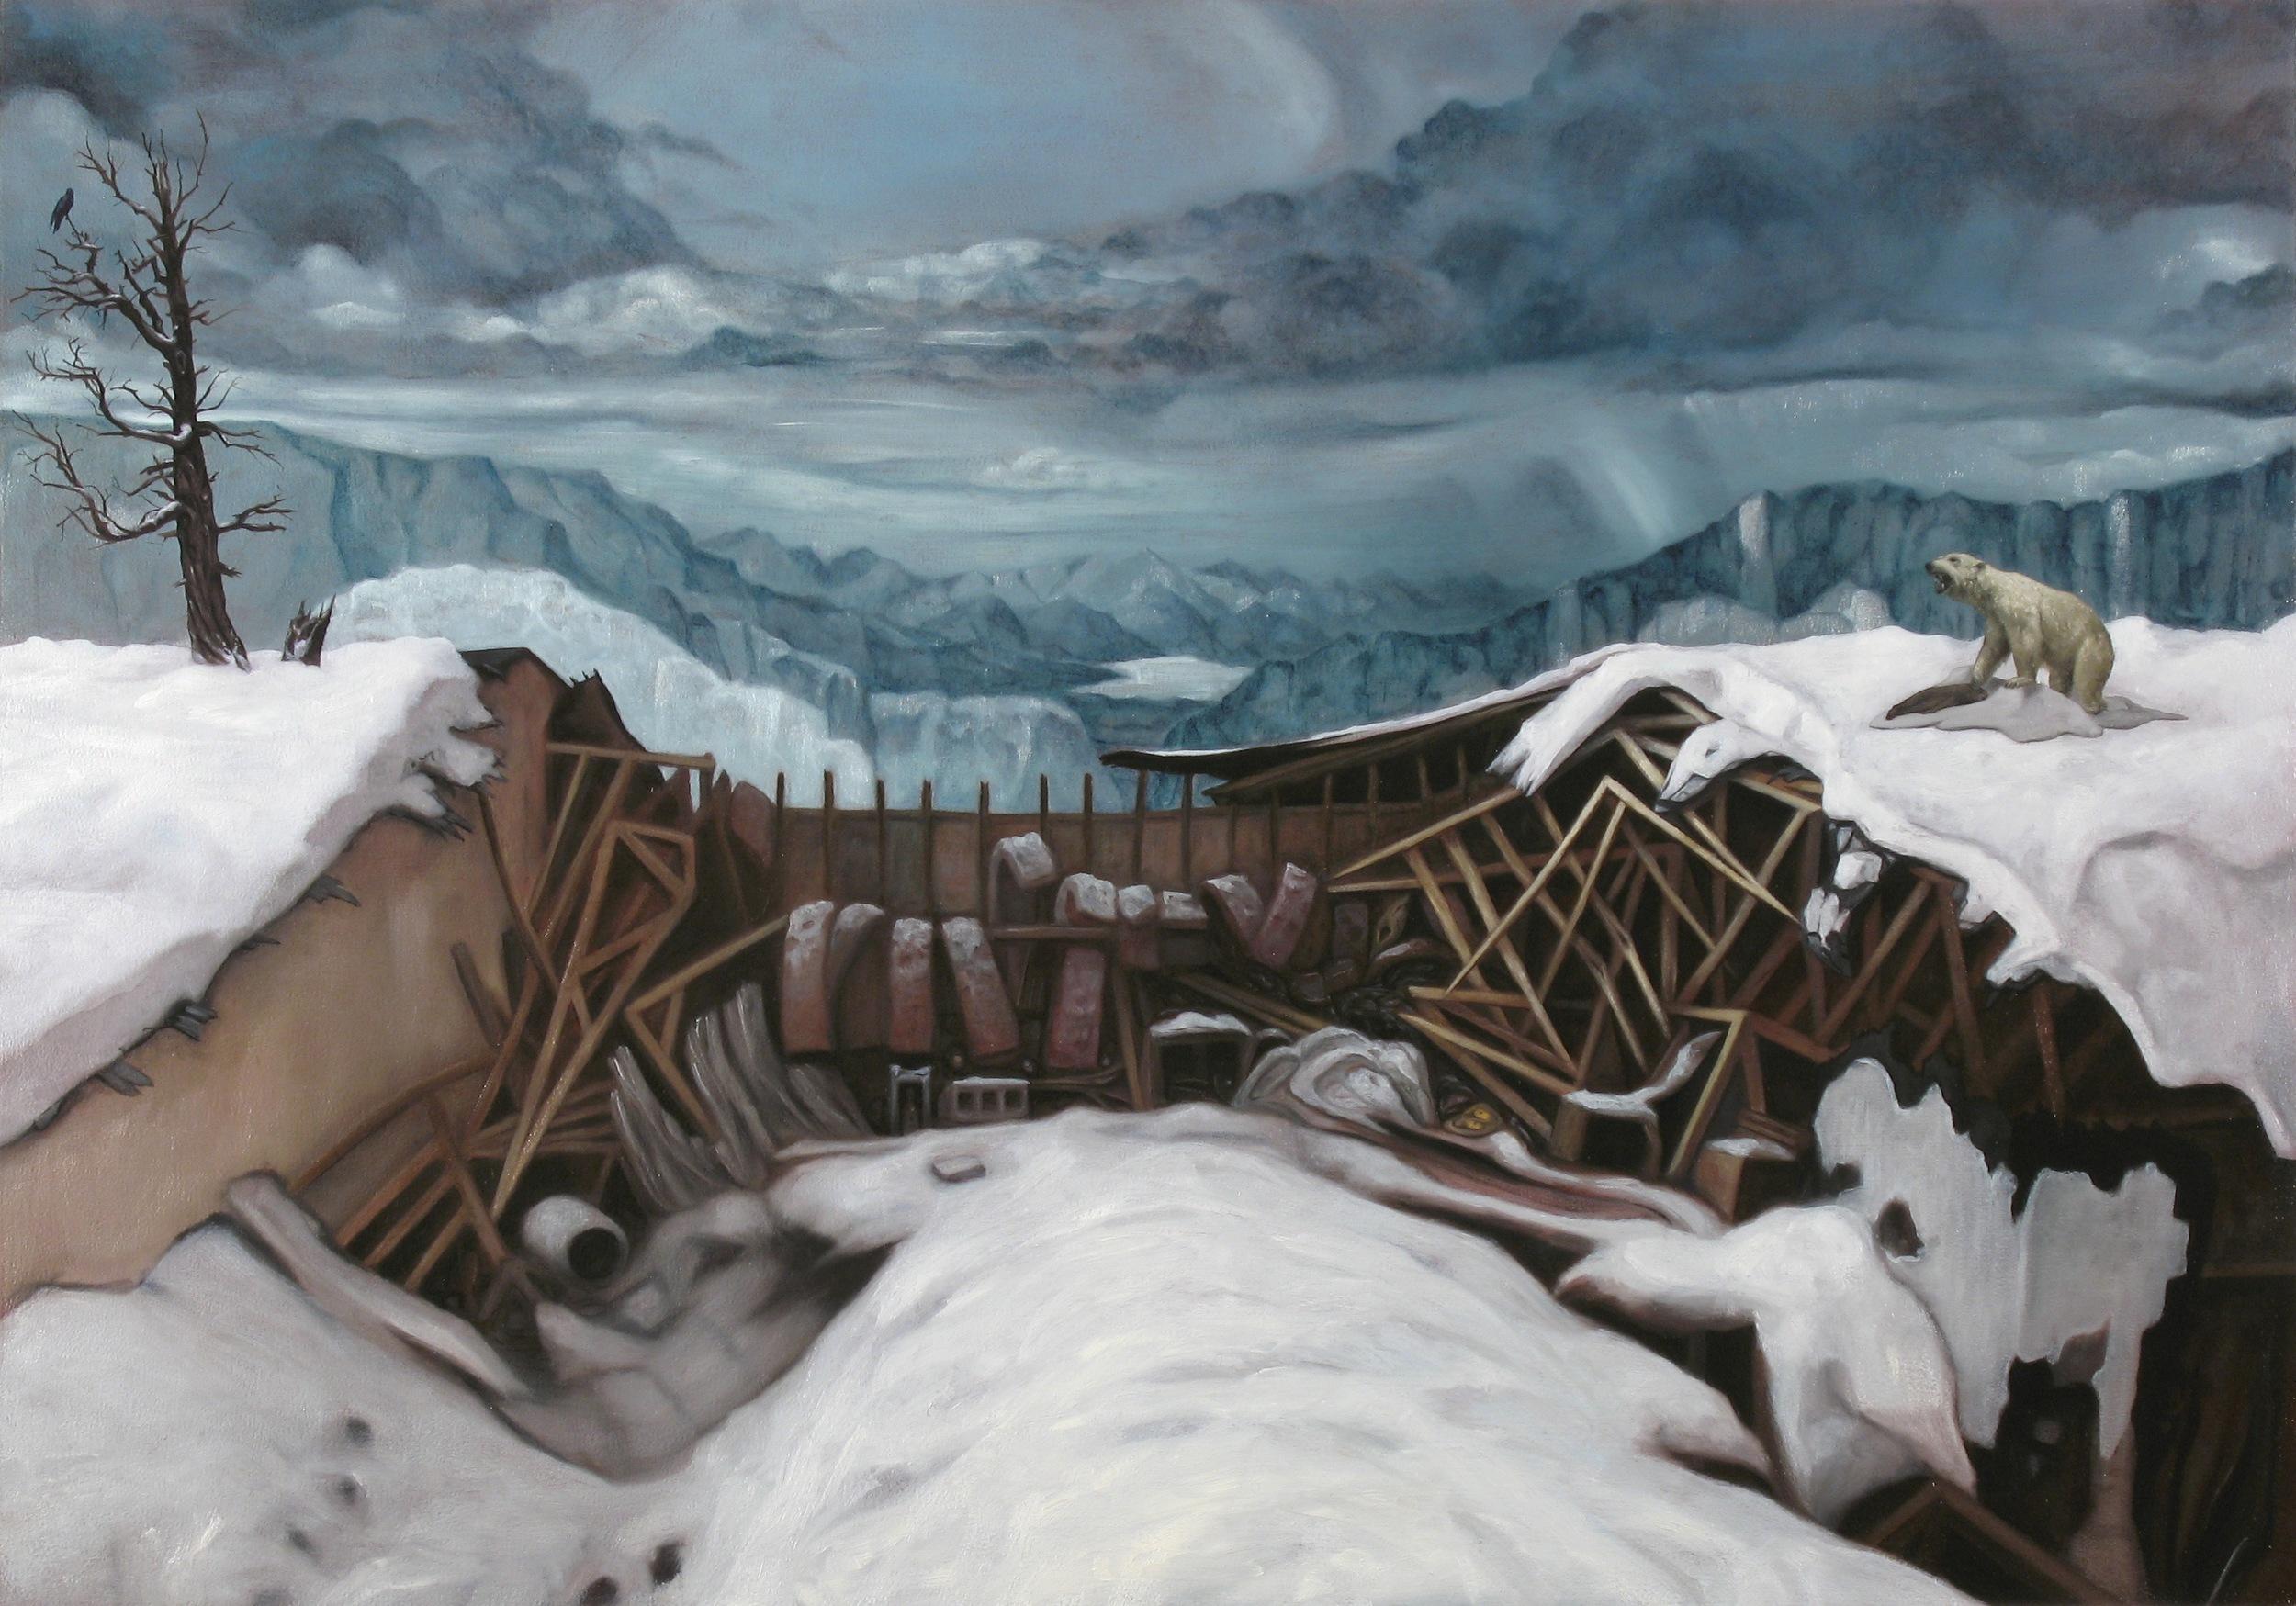 Snowfall, Oil on wood panel, 70x100cm, 2011